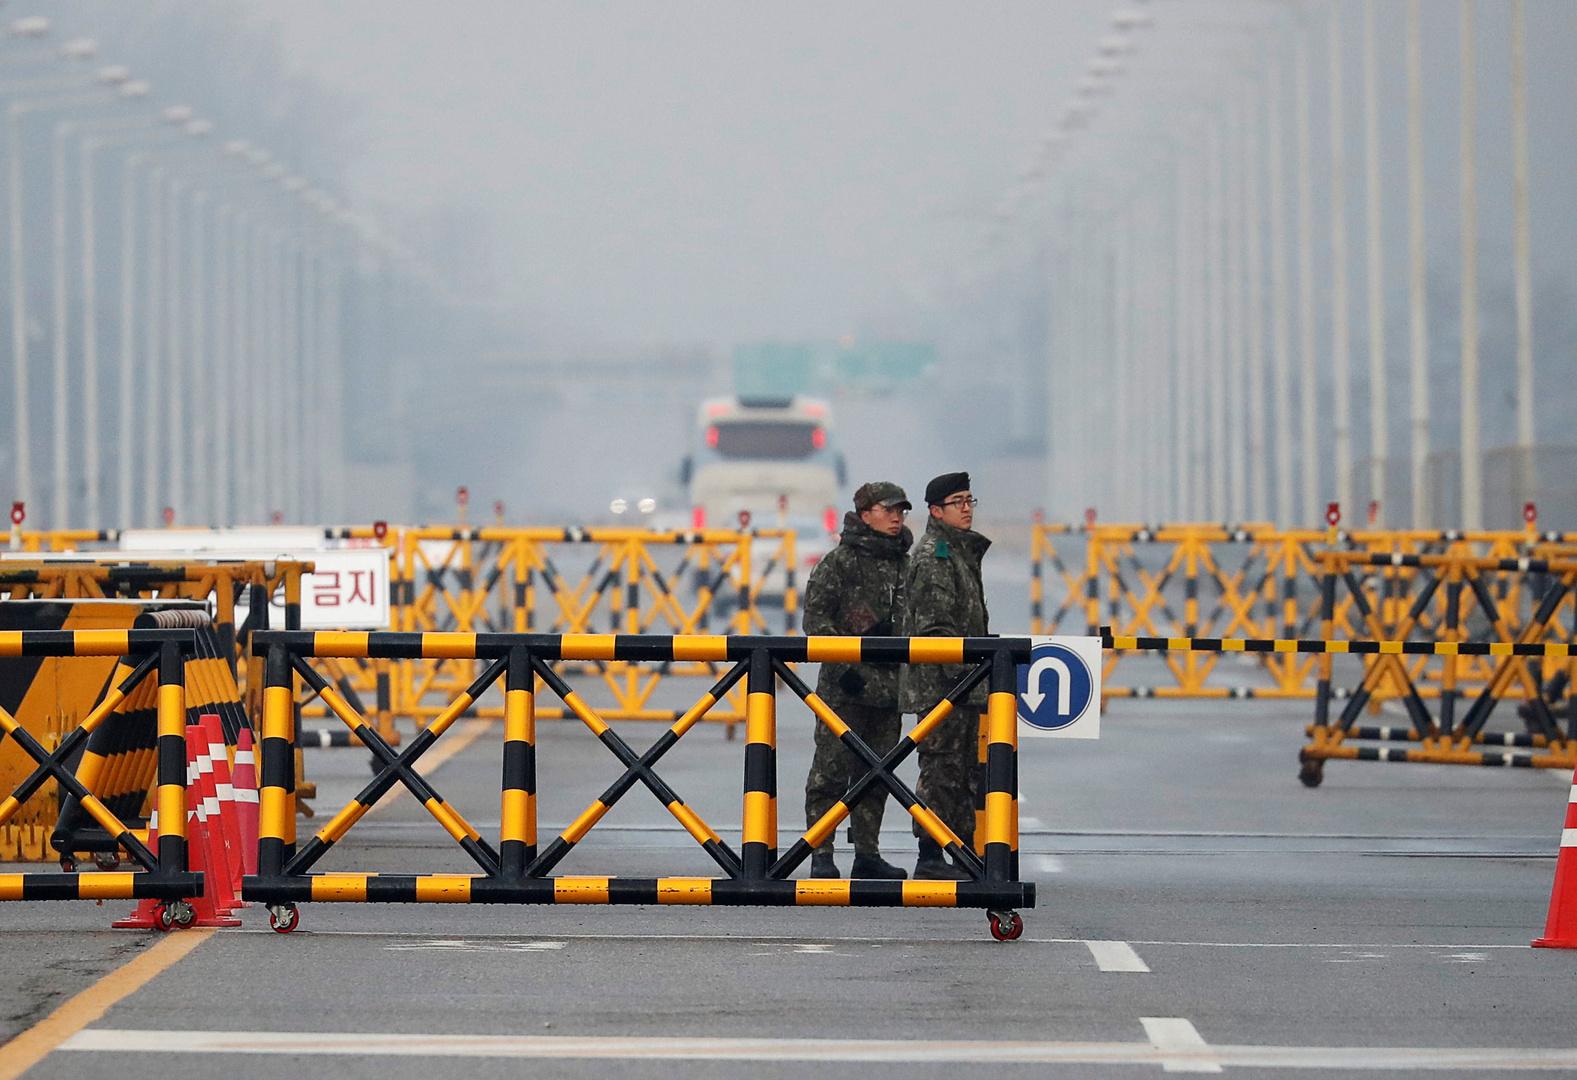 سيئول:استئناف خط الاتصال بين الكوريتين هو انطلاق لإعادة الثقة بينهما